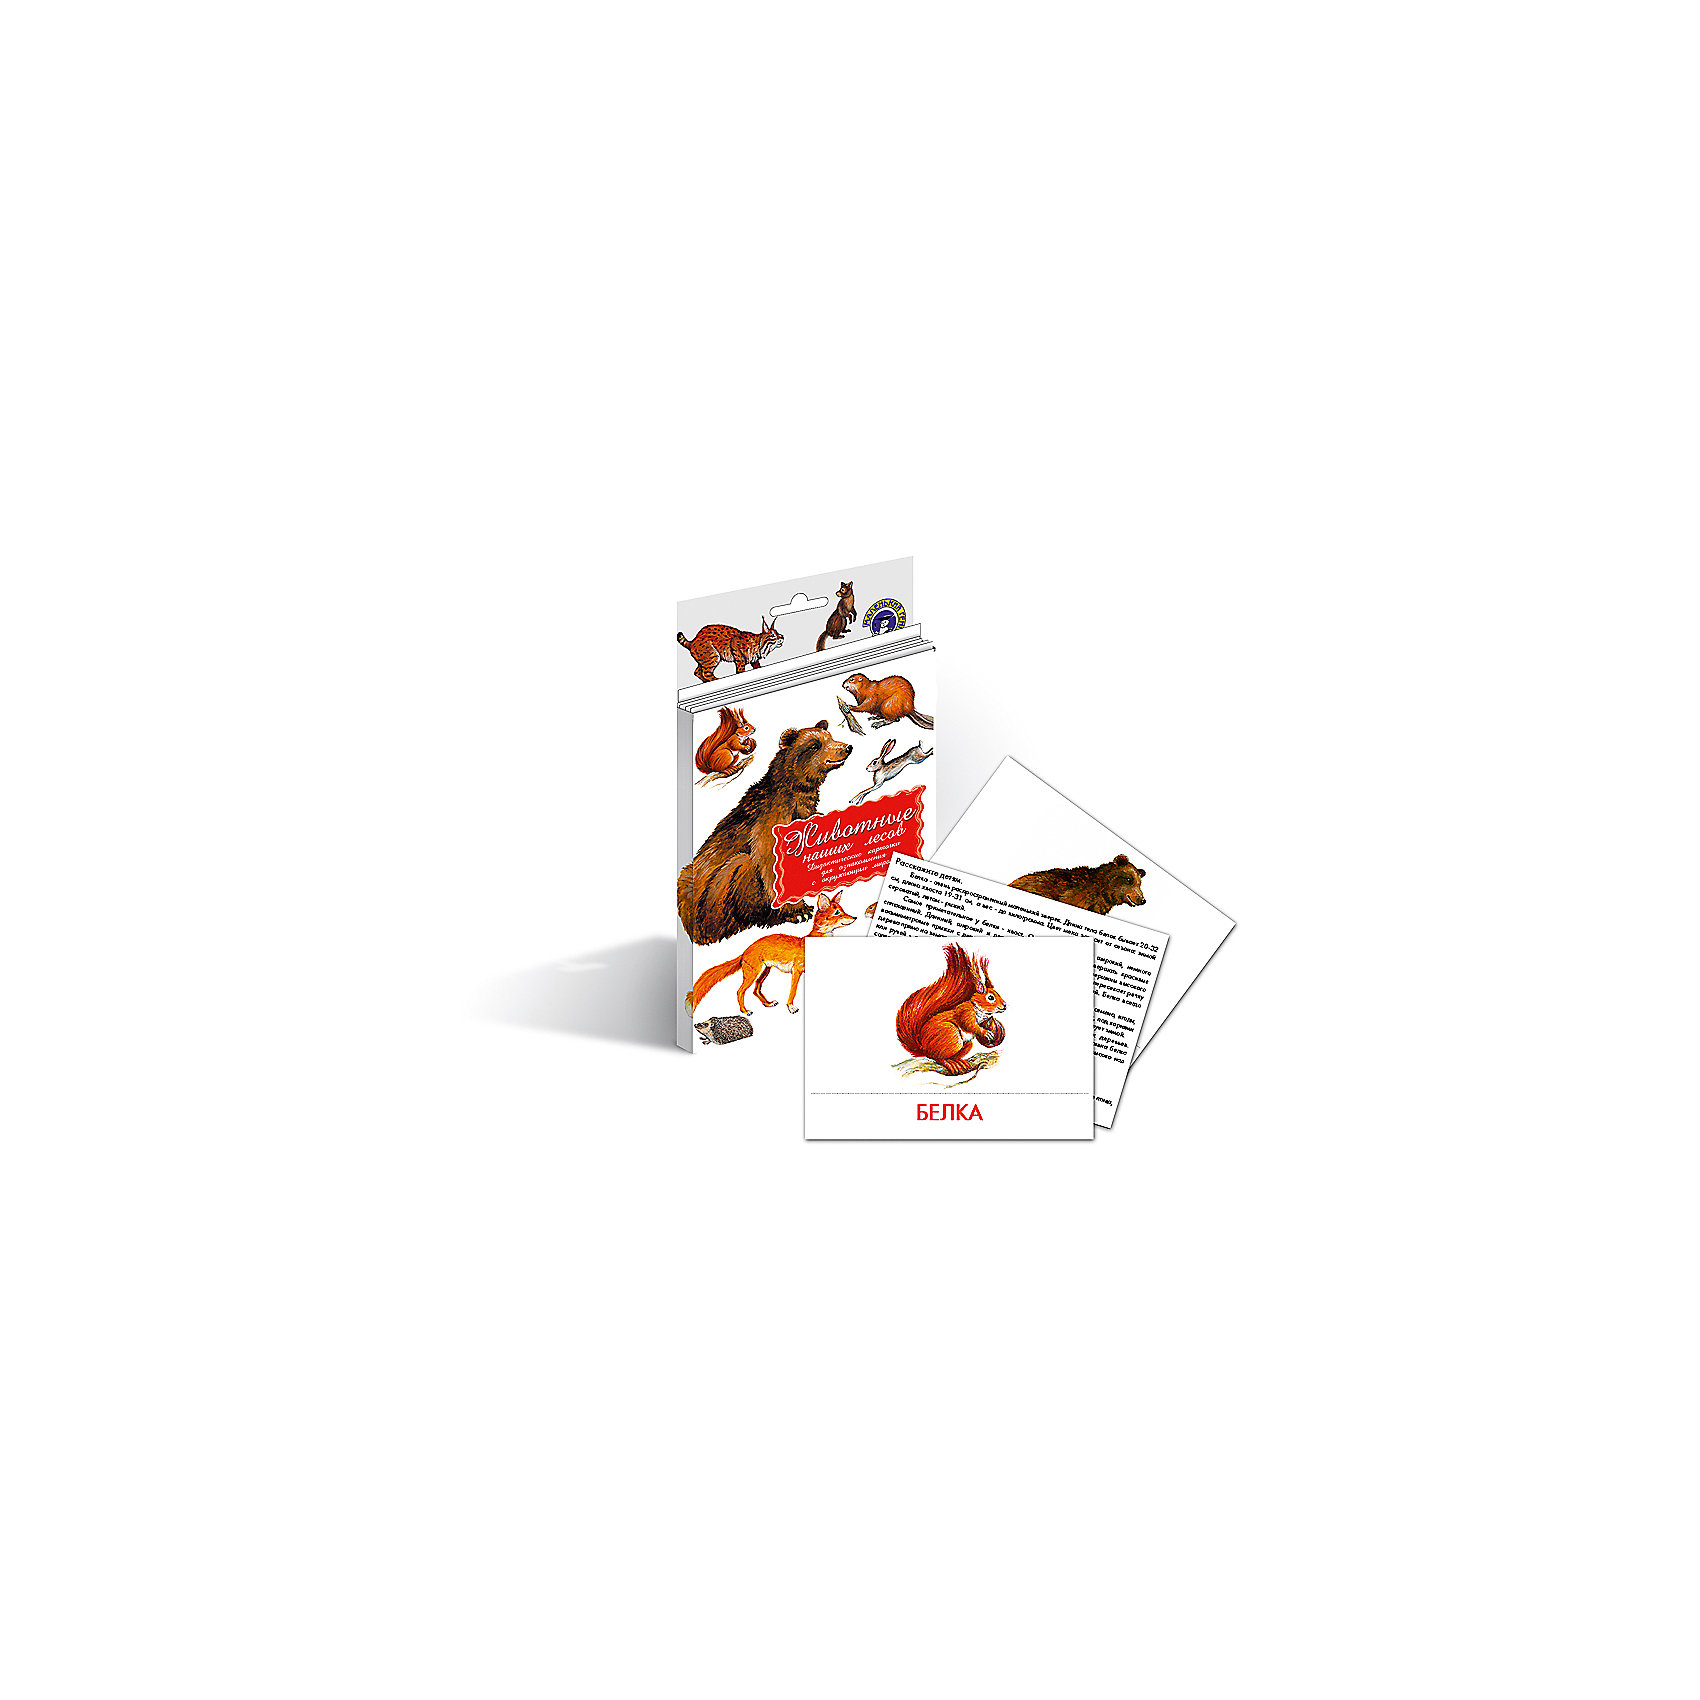 Дидактические карточки Животные наших лесов, Маленький генийДидактические карточки Животные наших лесов, Маленький гений.<br><br>Характеристики:<br><br>• Художник: Подколзин Евгений<br>• Количество карточек: 16<br>• Размер карточек: 25х15 см.<br>• Материал: картон<br>• Упаковка: картонный блистер с европодвесом<br>• Размер упаковки: 25,2х15,1х1 см.<br><br>Дидактические карточки познакомят малыша с некоторыми самыми известными животными, обитающими в лесах средней полосы России: медведем, соболем, белкой, оленем, ежом, лисой, ондатрой, бобром, волком, куницей, кабаном, рысью, барсуком, зайцем, лосем, росомахой. Всего в набор входит 16 карточек. На каждой карточке дано крупное, яркое и реалистичное изображение животного, а на обратной стороне дано его описание: внешний вид, места обитания, повадки, интересные факты и загадка. <br><br>Совсем маленькому ребенку можно просто показывать карточки и называть животное. А затем попросить малыша найти карточку с тем или иным зверем и назвать его. Можно сортировать животных, например на хищных, травоядных и всеядных, или больших, средних и маленьких. Если ребенок учится читать, можно отрезать названия и, перемешав, предложить ребенку подобрать картинки к названиям. <br><br>С карточками можно организовать и множество игр на развитие внимания, логического мышления и памяти. Игра «Четвертый лишний»: из четырех карточек, одна из которых отличается от трех других, ребенок должен выбрать лишнюю и объяснить свой выбор. Можно по очереди с ребенком отвечать на вопрос «Какой?» относительно каждой карточки, стараясь дать больше ответов. <br><br>Разглядывая карточки, играя с ними, ваш малыш не только обогатит свой багаж знаний об окружающем мире, но и научится составлять предложения, беседовать по картинкам, классифицировать и систематизировать предметы. Карточки рекомендуются родителям, логопедами, психологами, воспитателями детских садов, учителями начальных классов для познавательных игр с детьми и занятий по методике Глена Домана.<br><